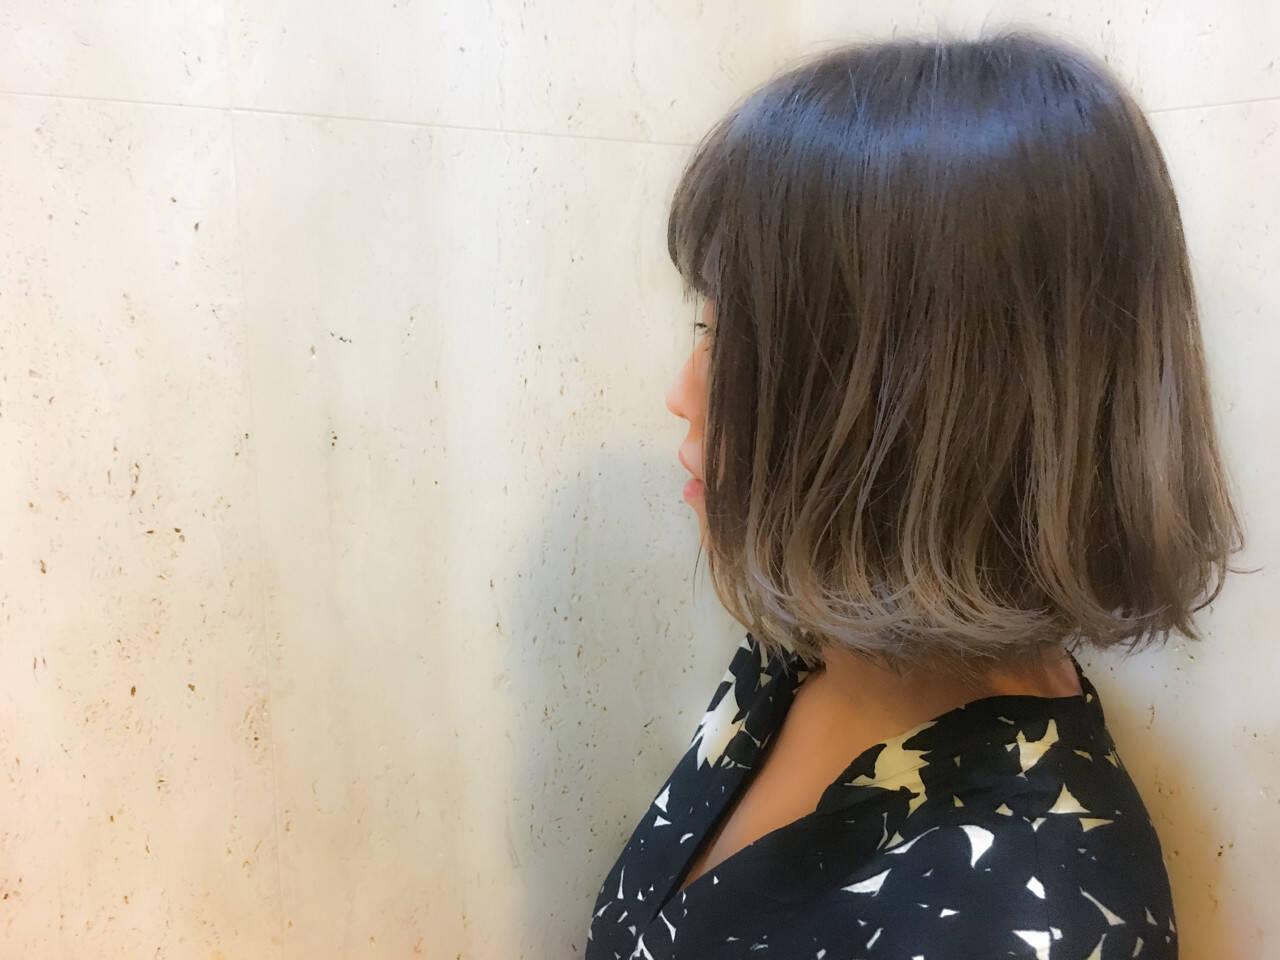 アッシュ シルバー ダブルカラー ボブヘアスタイルや髪型の写真・画像